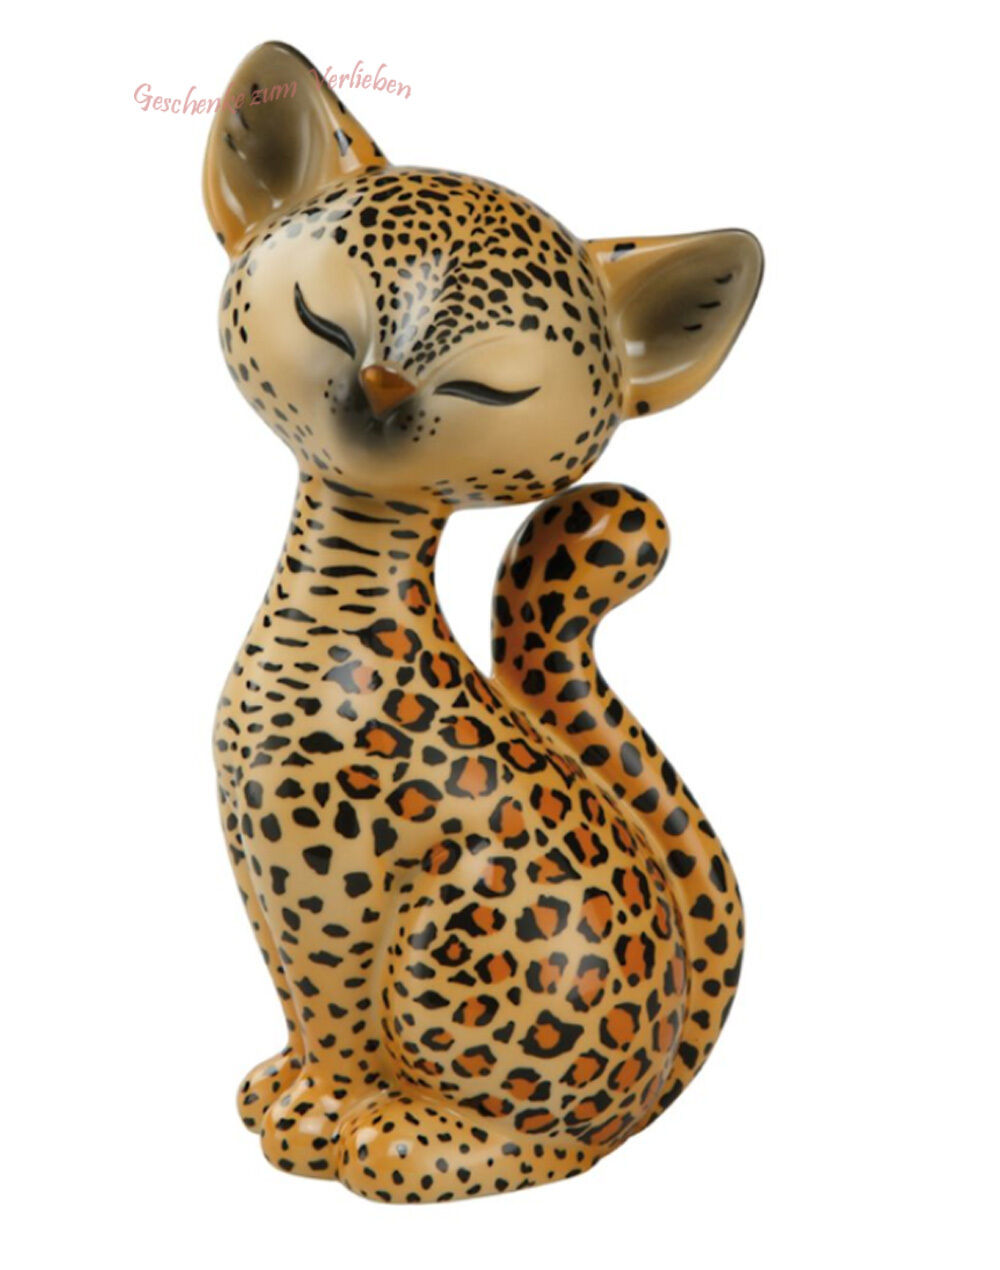 Goebel Kitty de luxe Leopard Kitty sitzende Katze 18 cm hoch